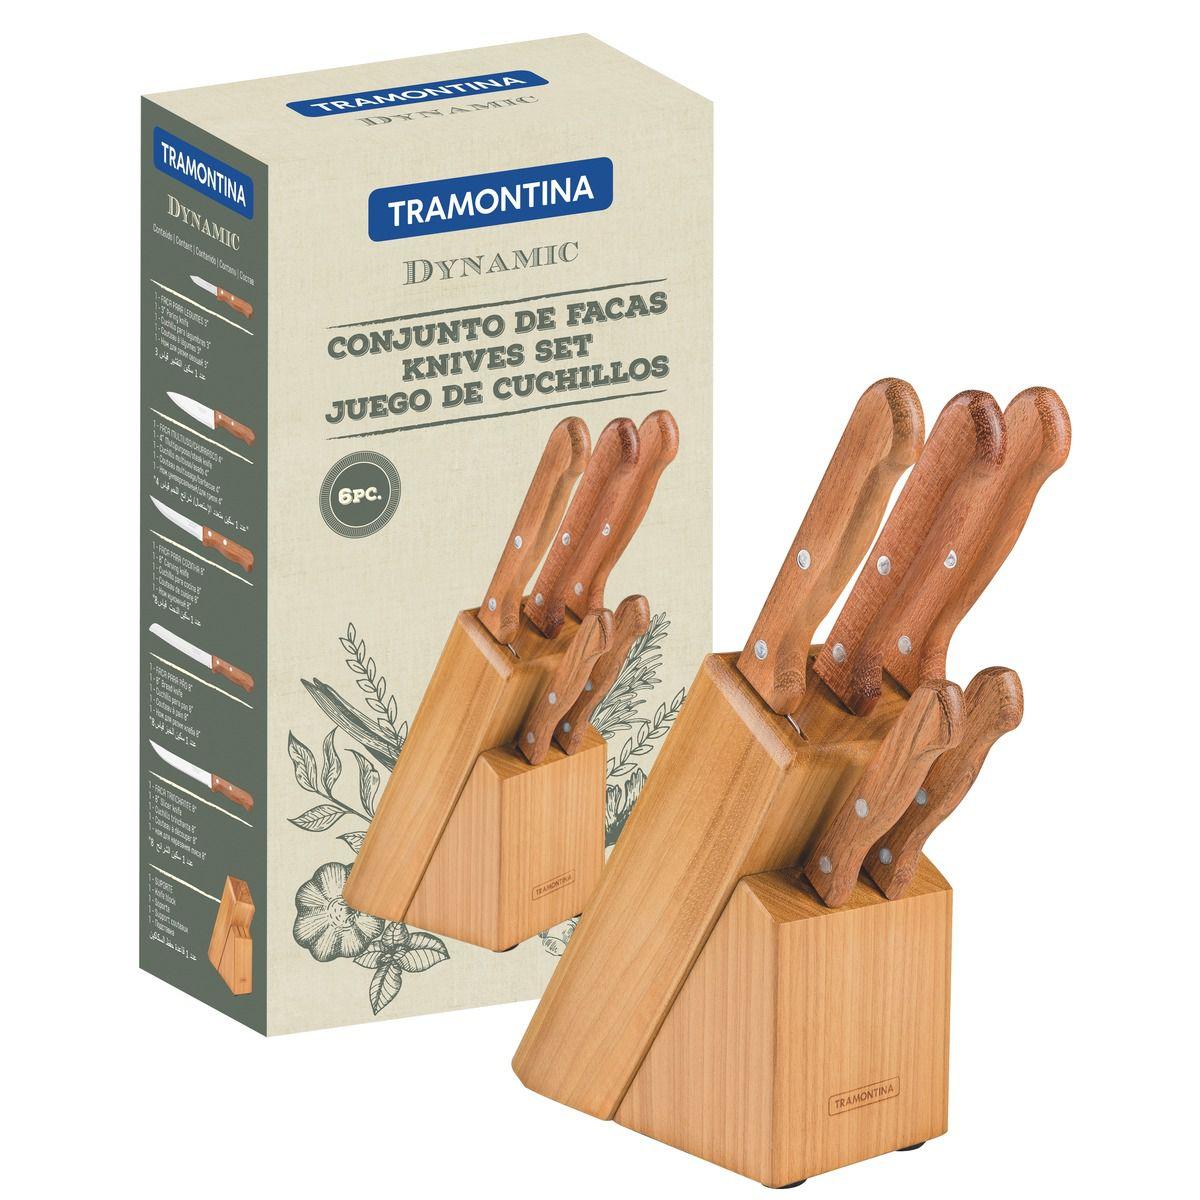 Jogo de facas 6 peças 22399/020 | Lojas Estrela